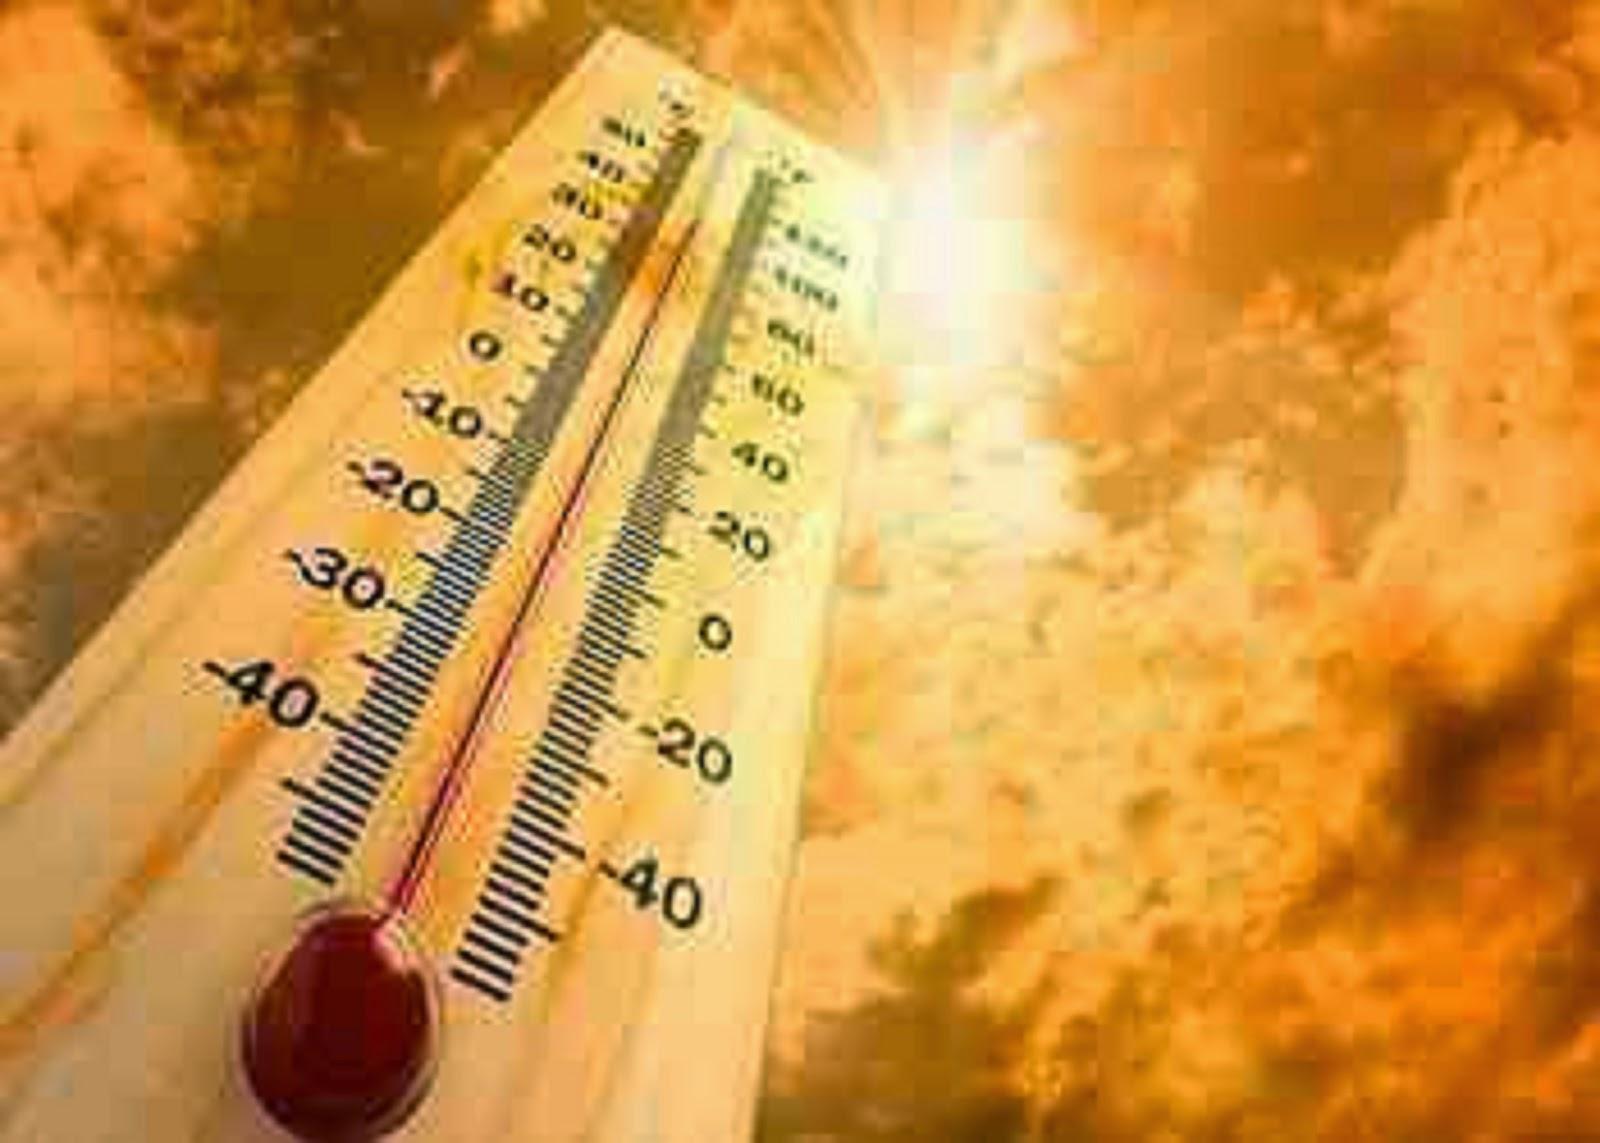 الأرصاد تحذر موجة حر قادمة و هذه بعض المناطق التي ستتأثر